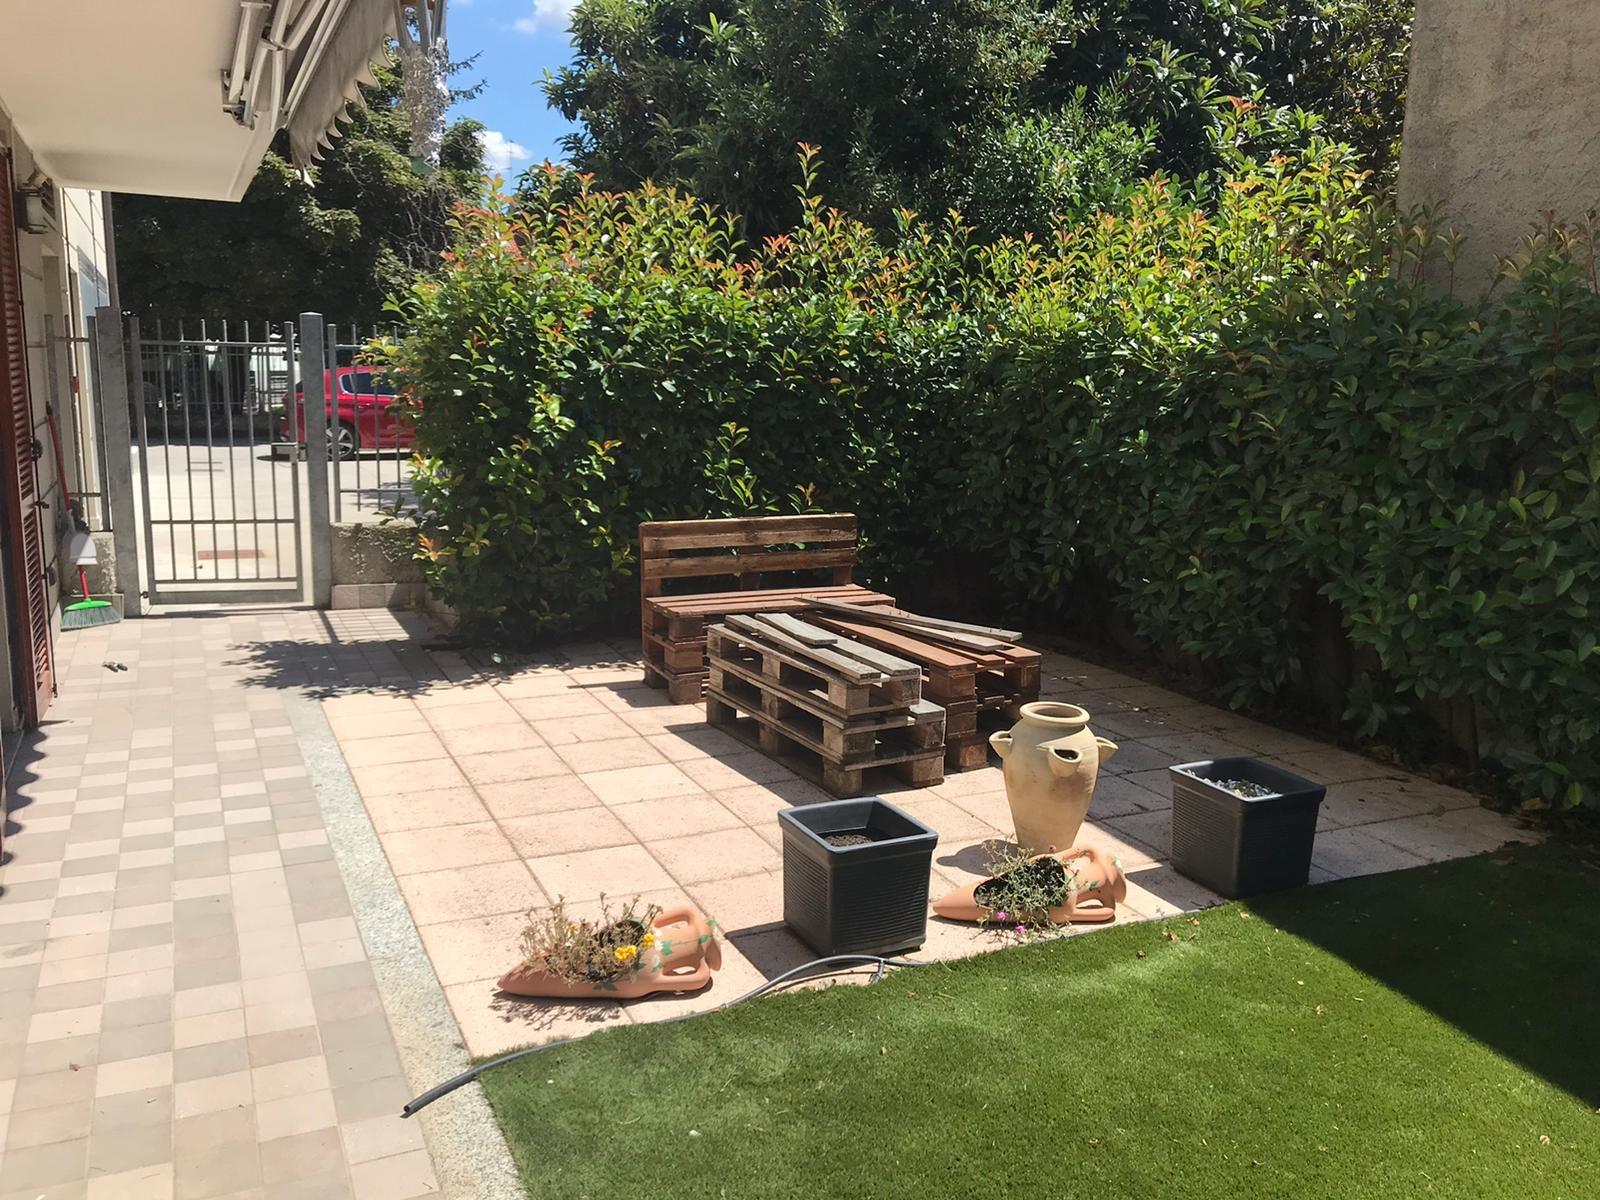 appartamento-in-vendita-a-settimo-milanese-monolocale-con-giardino-privato-1-locale-spaziourbano-immobiliare-vende-6